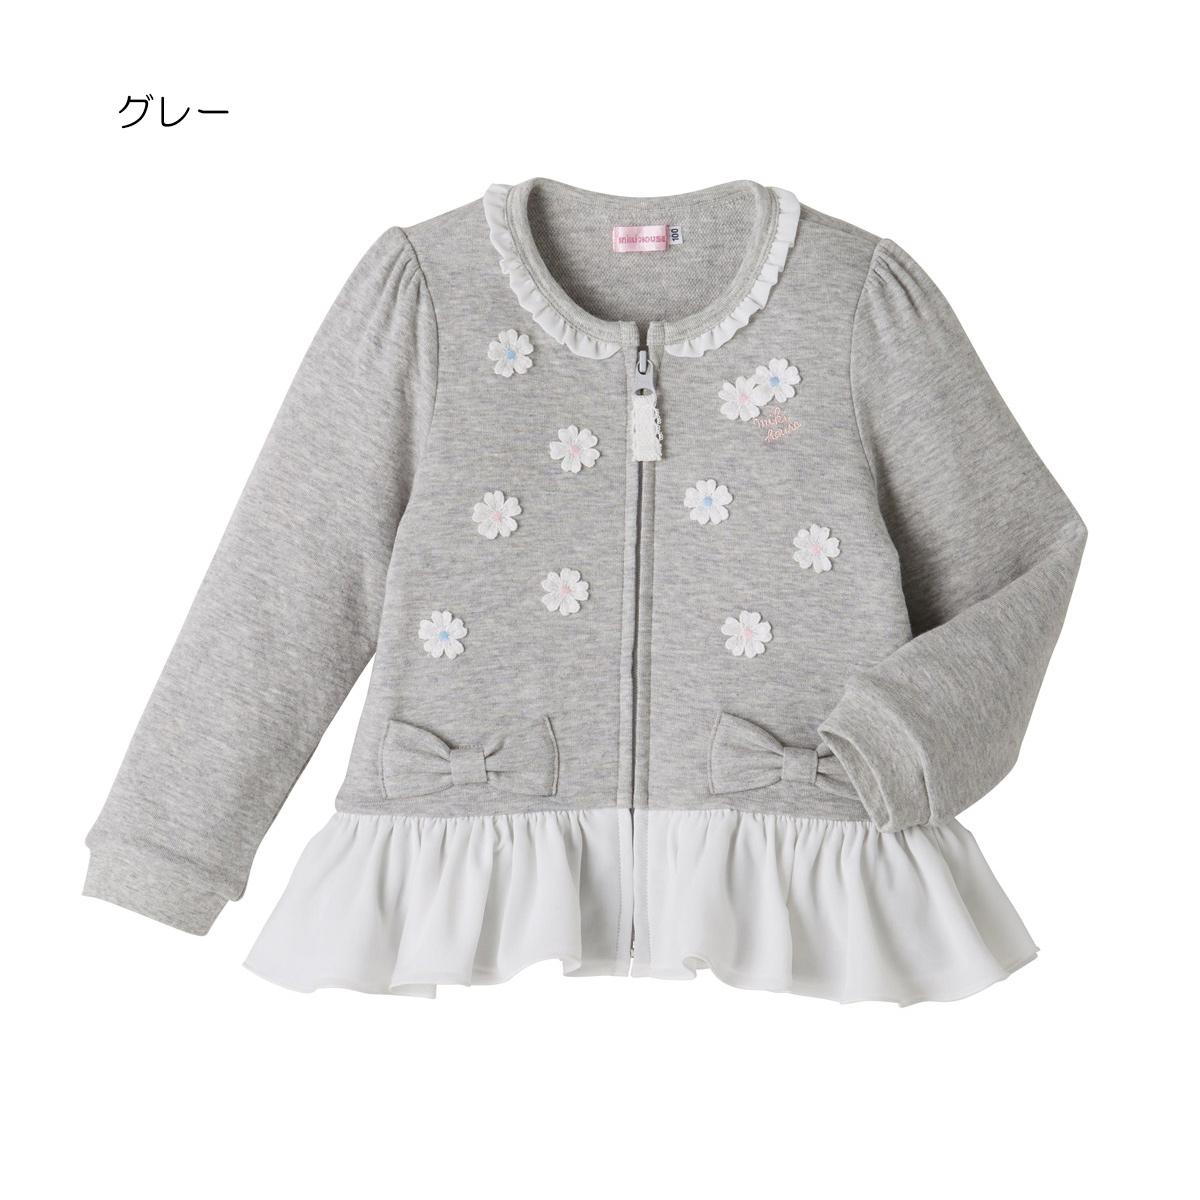 ミキハウス mikihouse 裾フリル付きガーリージャンパー(110cm・120cm・130cm・140cm) バーゲン